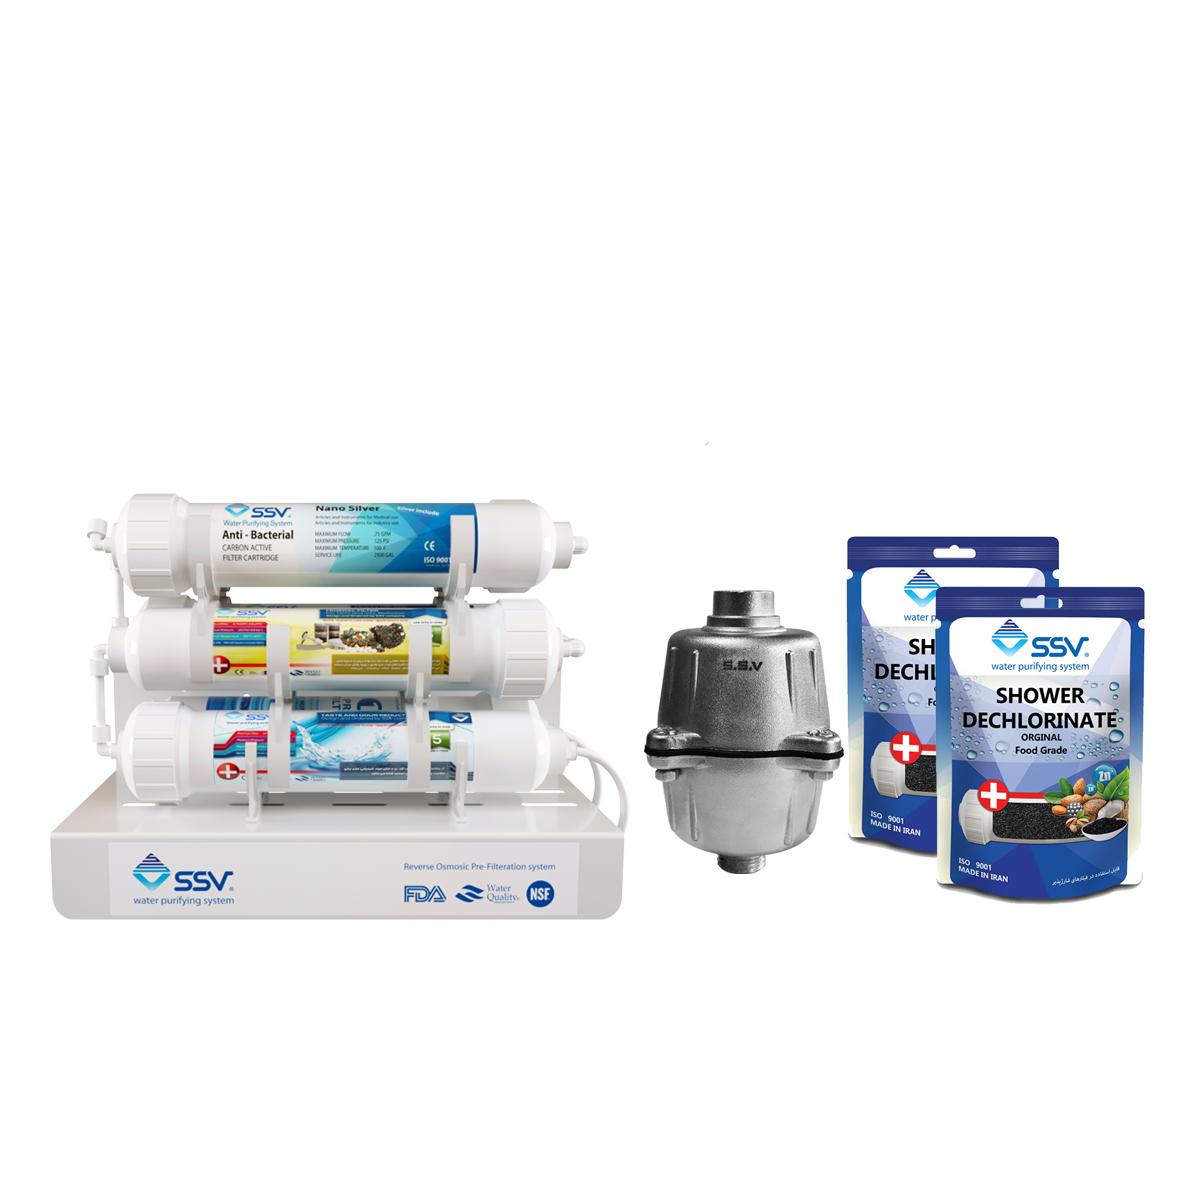 دستگاه تصفیه کننده آب اس اس وی مدل Jetline x800 به همراه فیلتر و شارژ یدک وزن 140 گرم